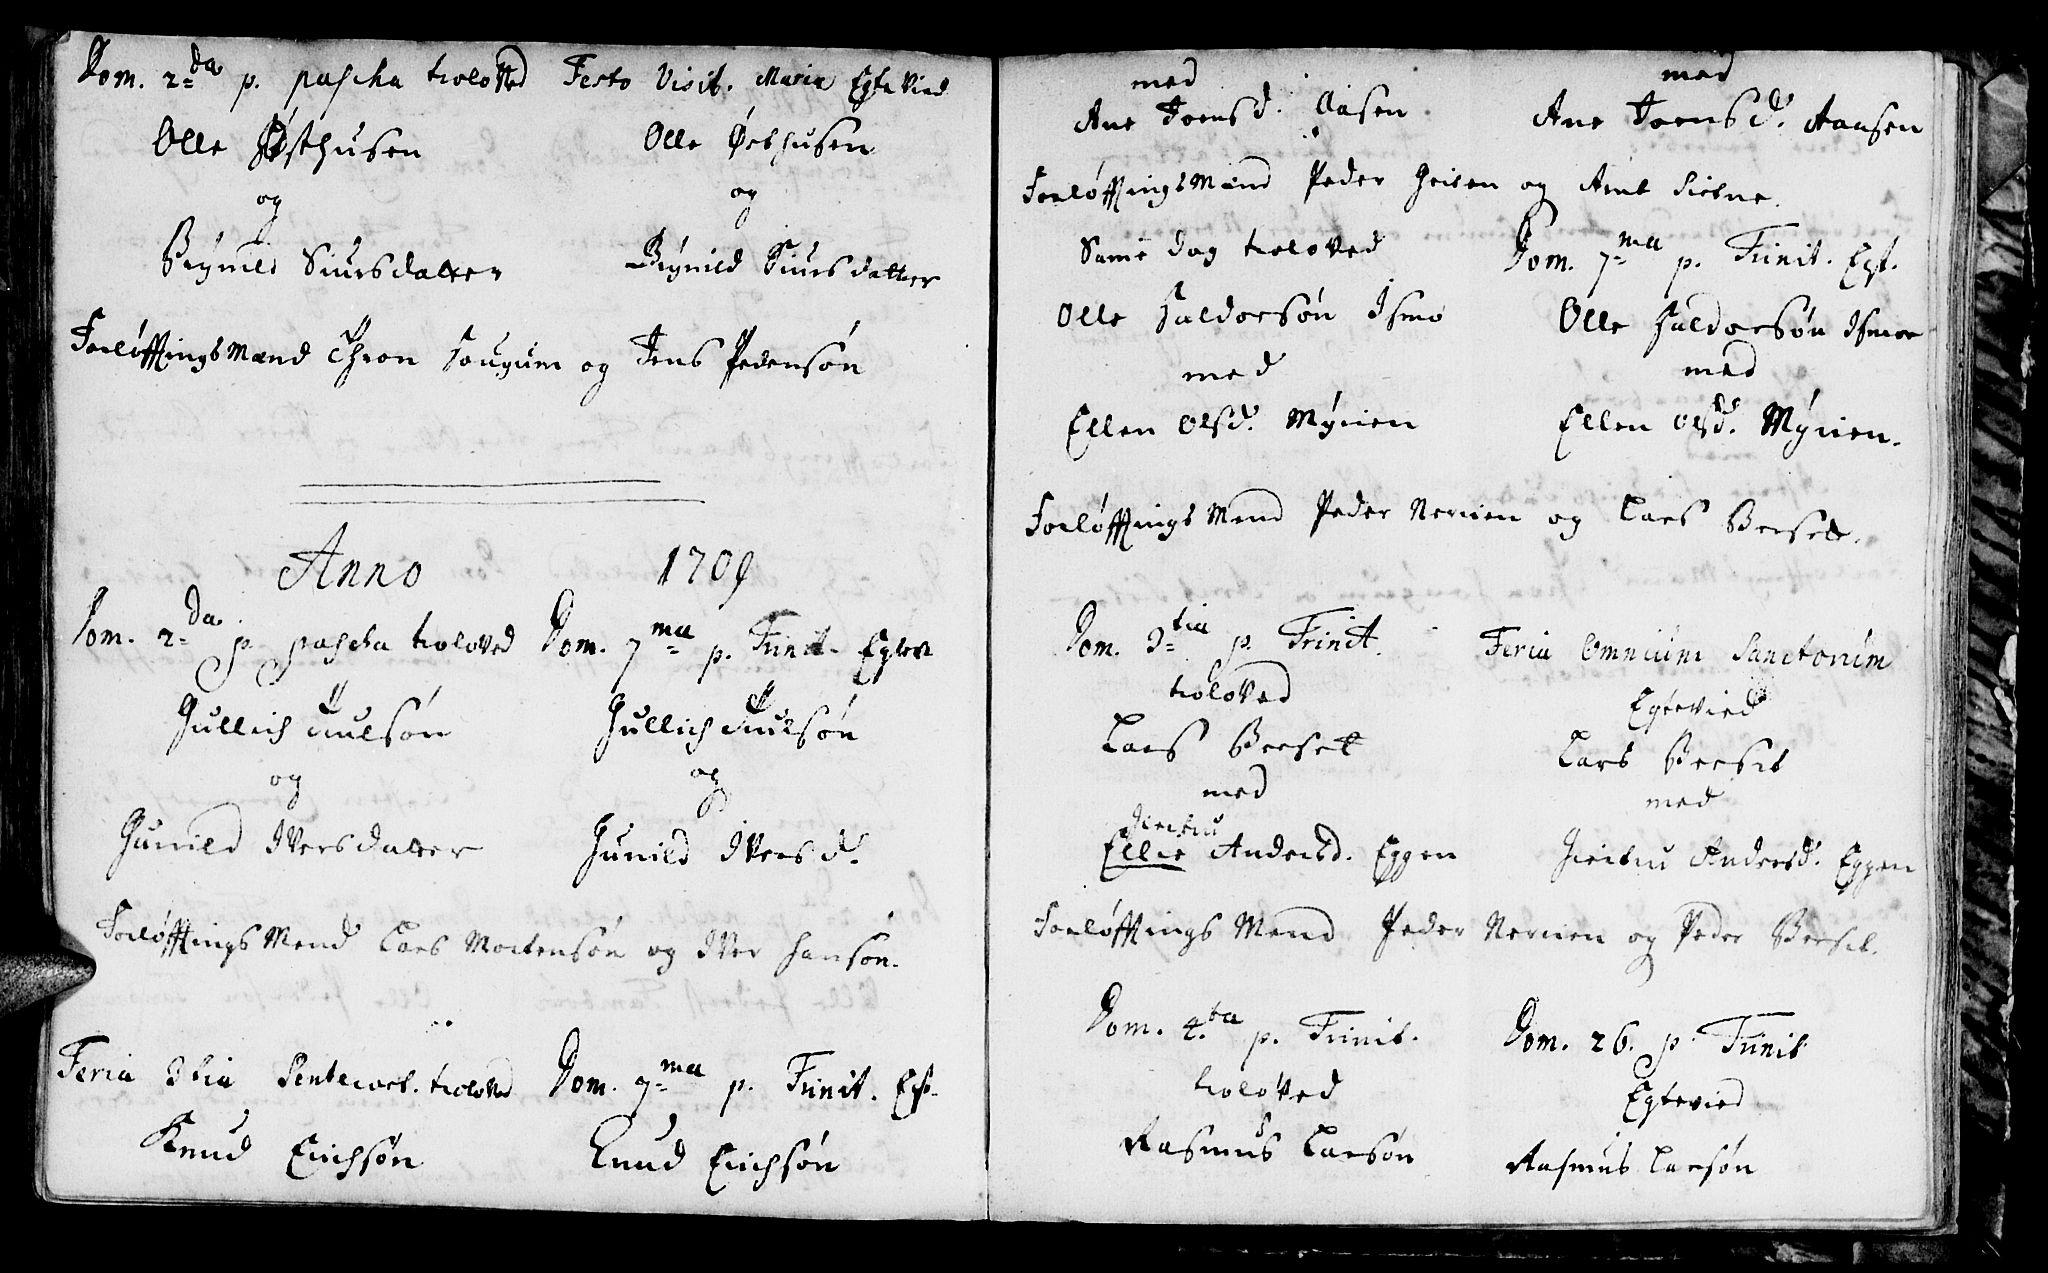 SAT, Ministerialprotokoller, klokkerbøker og fødselsregistre - Sør-Trøndelag, 665/L0766: Ministerialbok nr. 665A01, 1702-1735